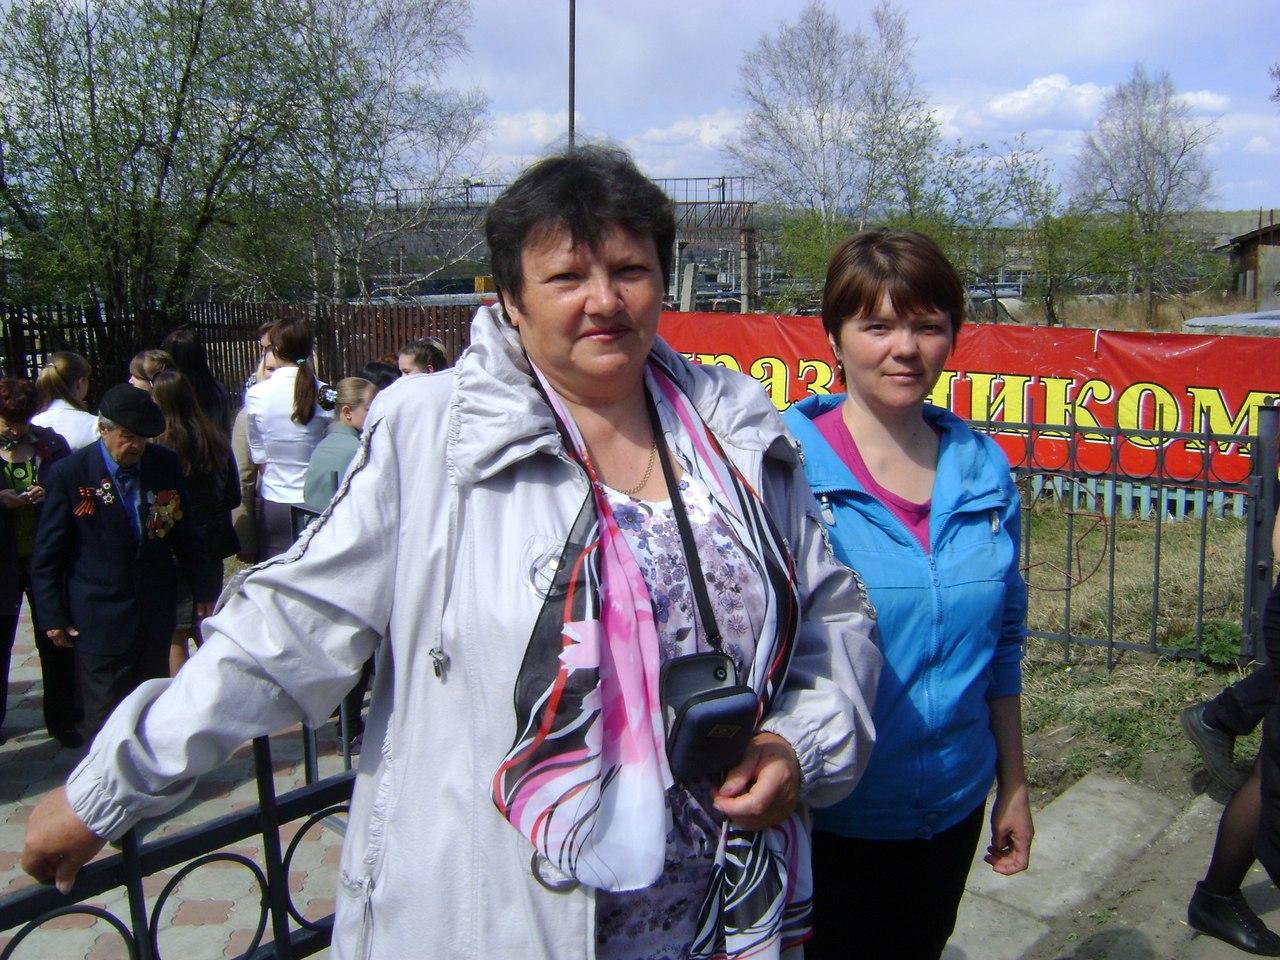 Лариса Горбунова, Благовещенск - фото №1